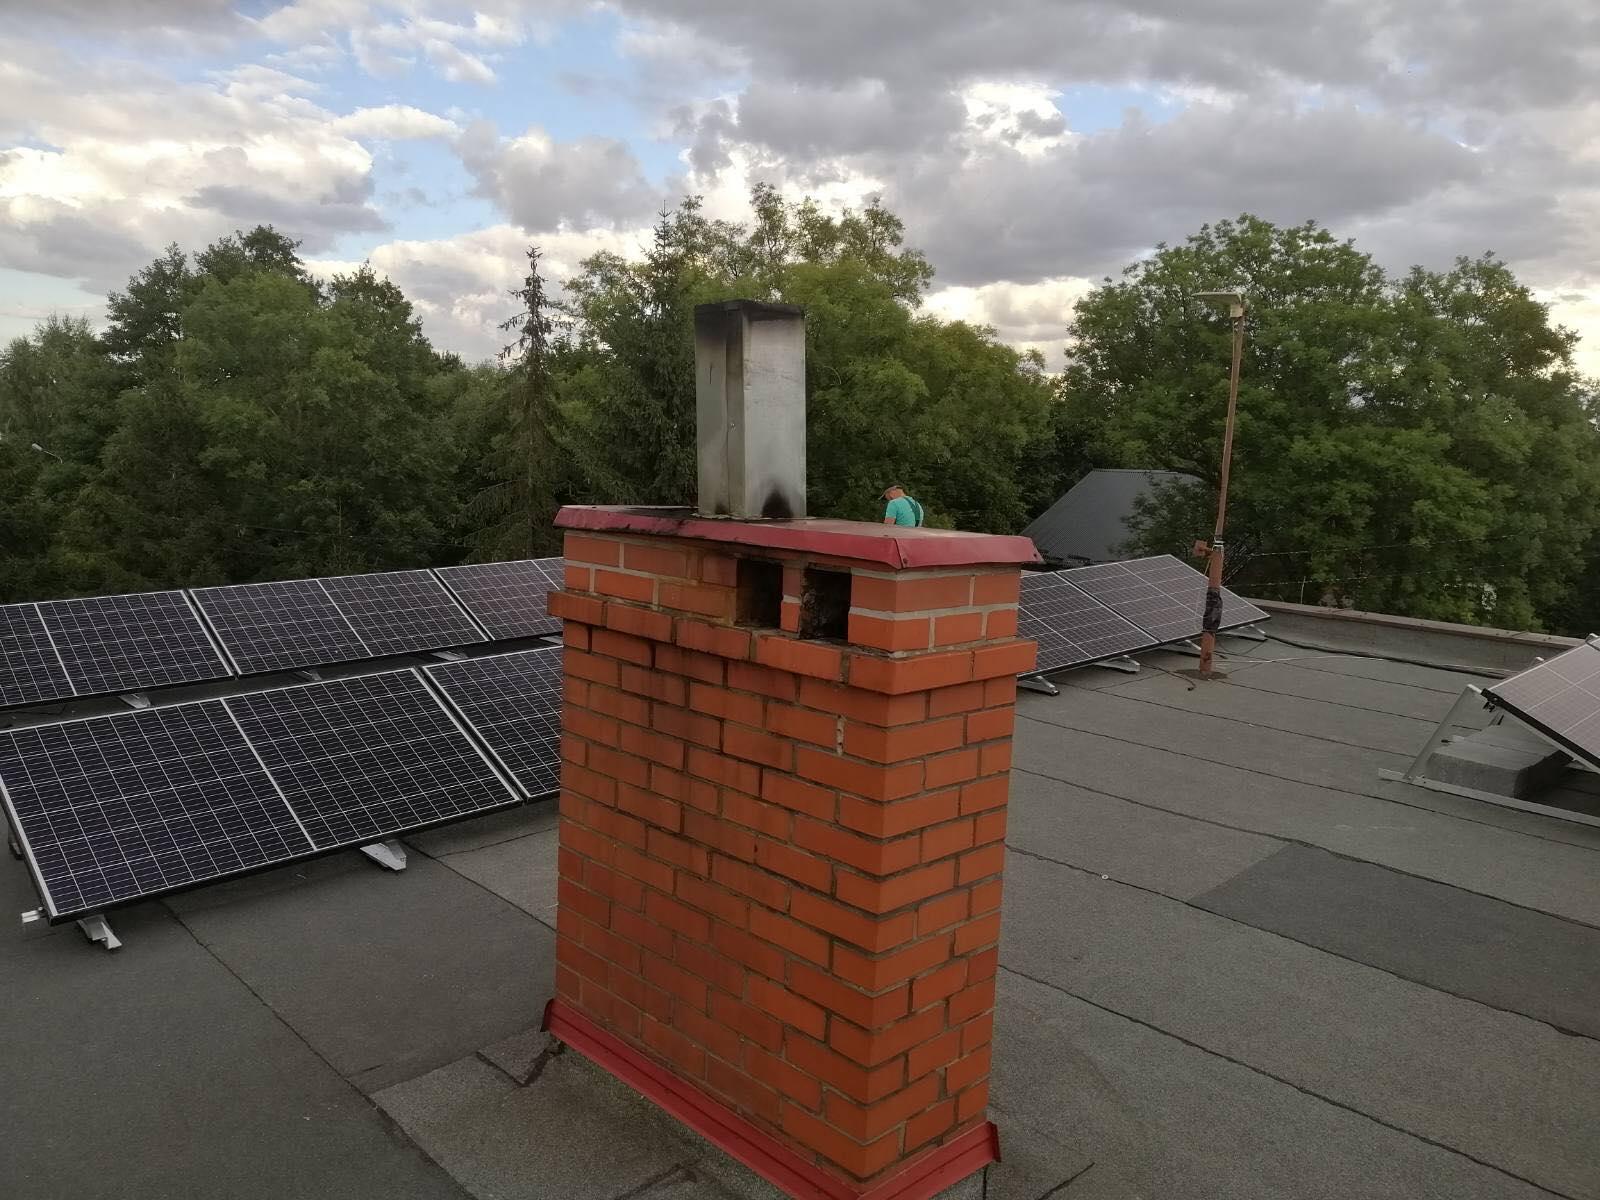 Instalacja Fotowoltaiczna 3,96 kWp - 12 szt panele Selfa 330 Wp